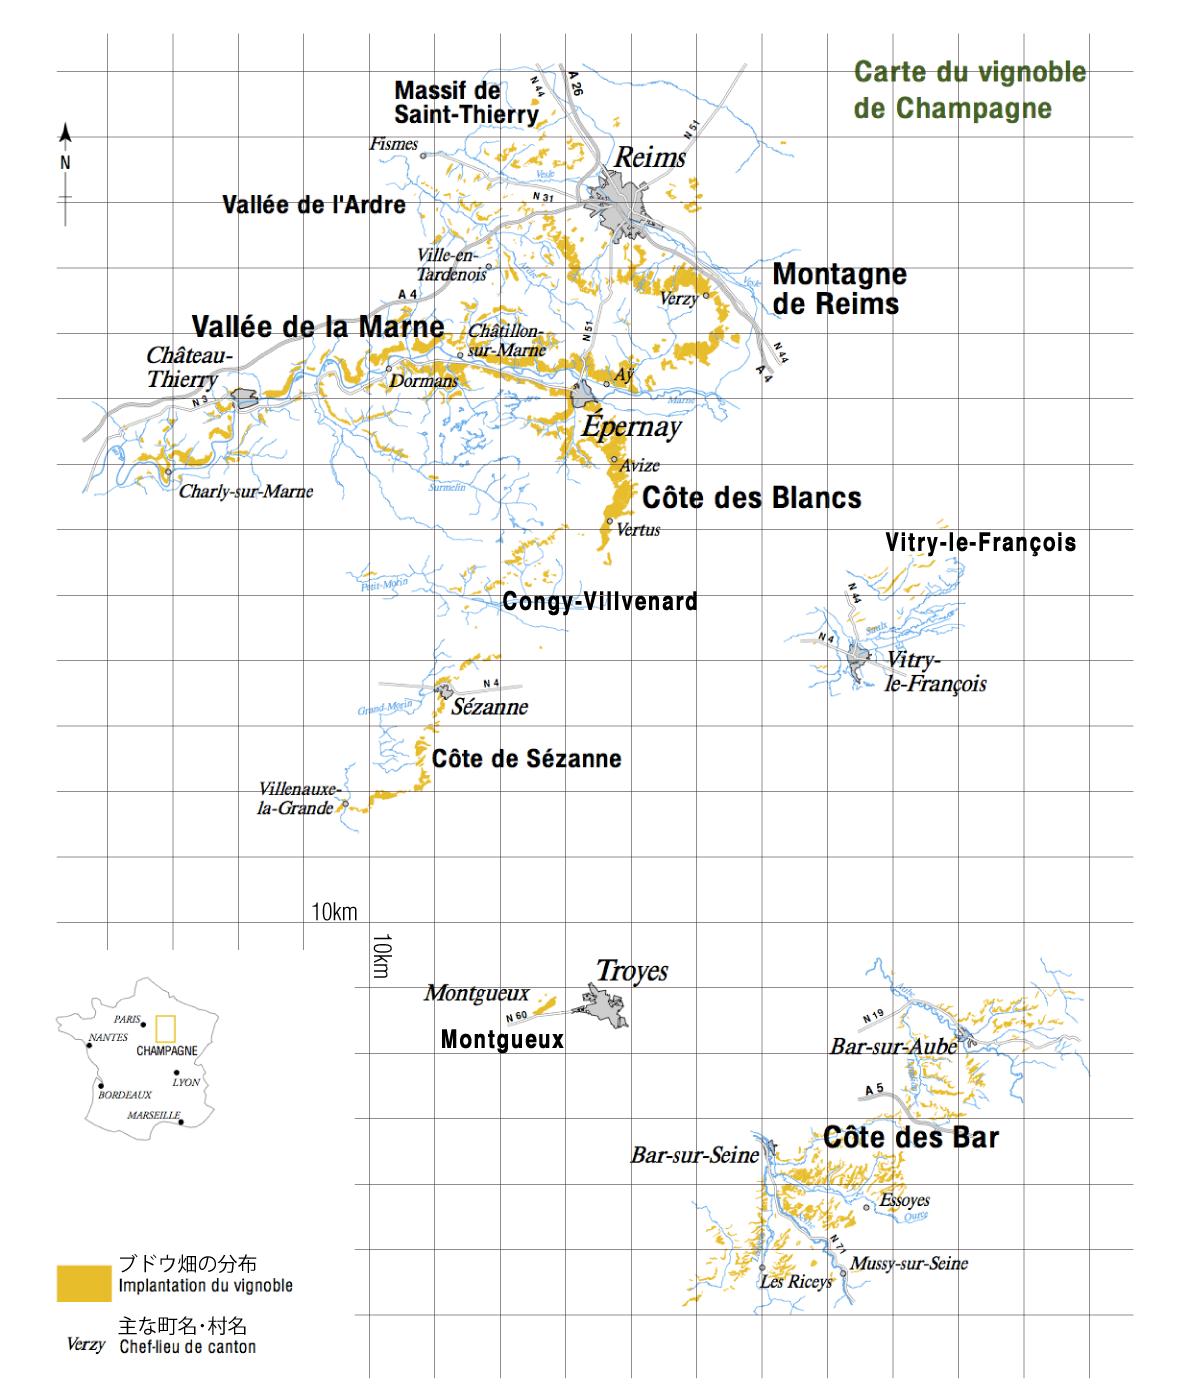 日本地図 直線距離 マップ : 日本地図マップ : 日本